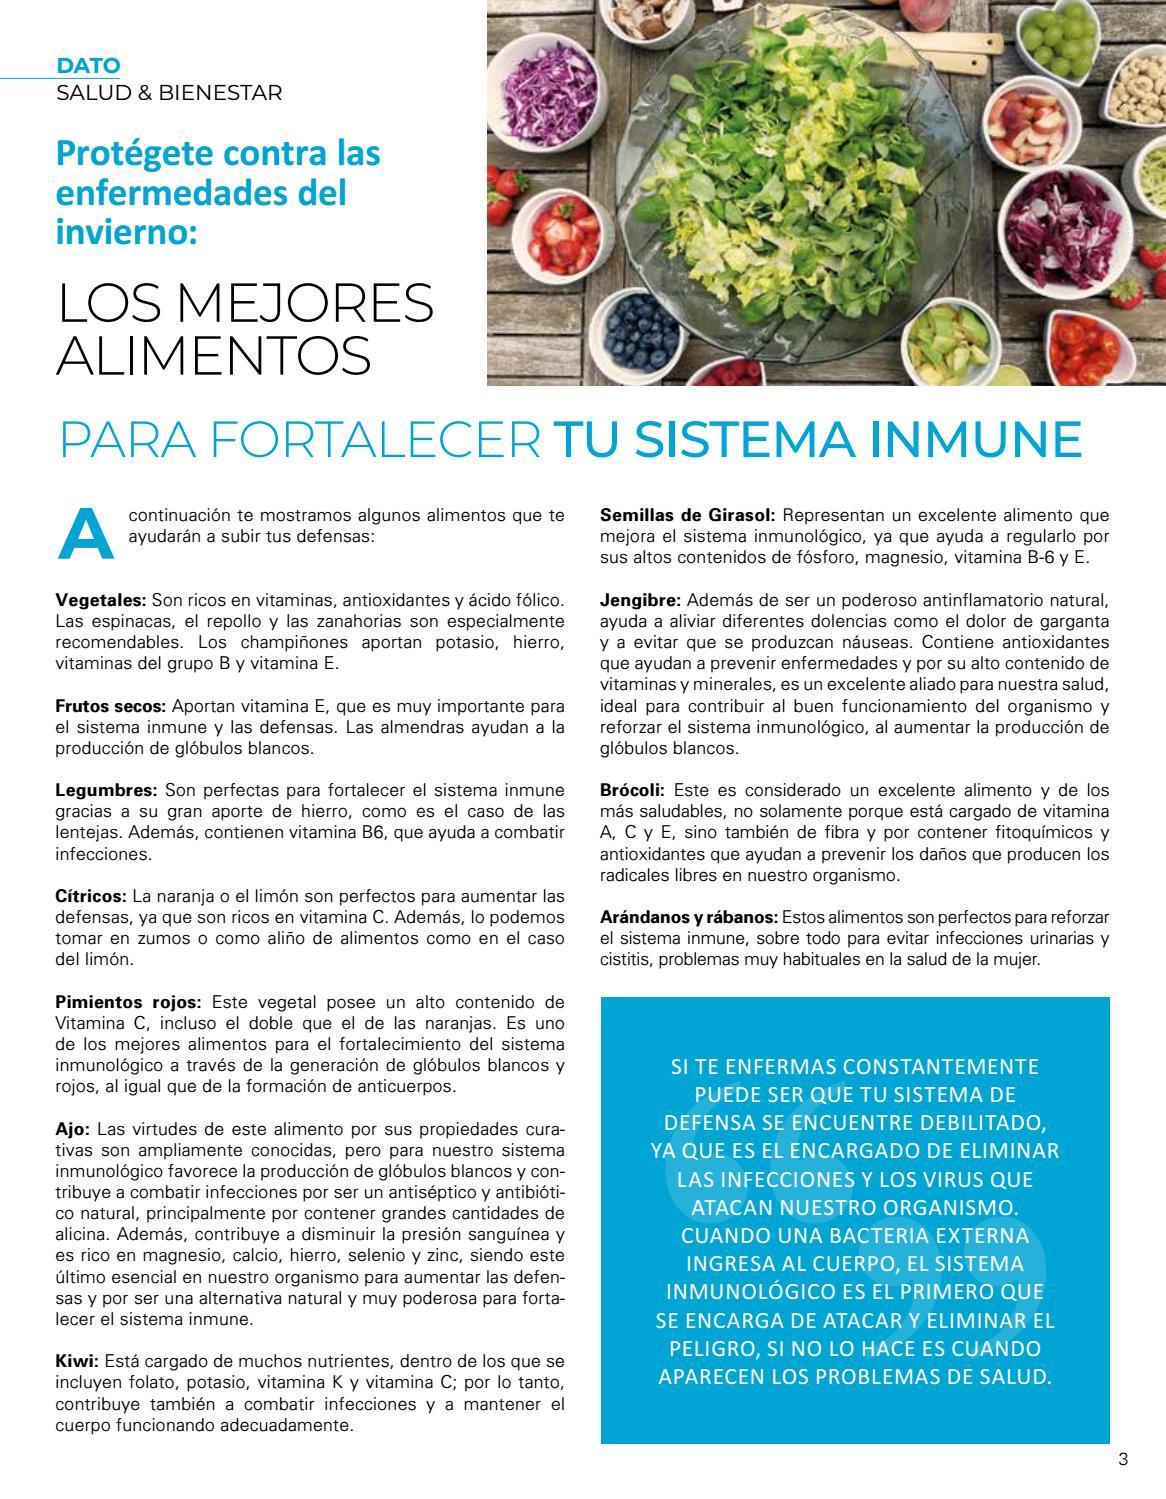 Sistema las inmunologico subir del alimentos para defensas